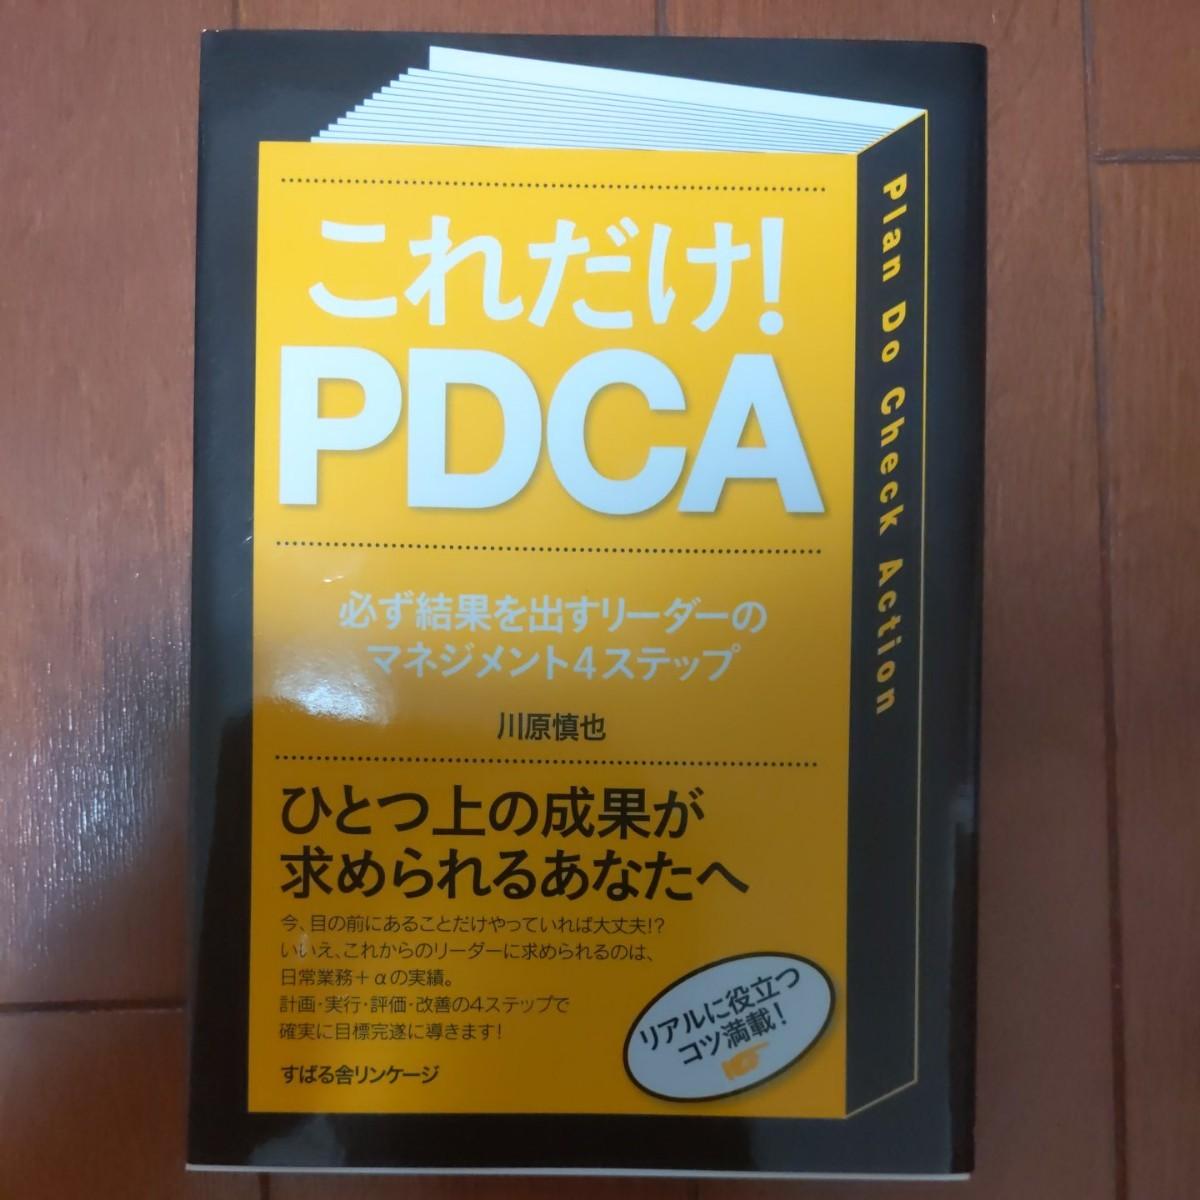 これだけ!PDCA / 9784799101308 /出版社-すばる舎リンケージ